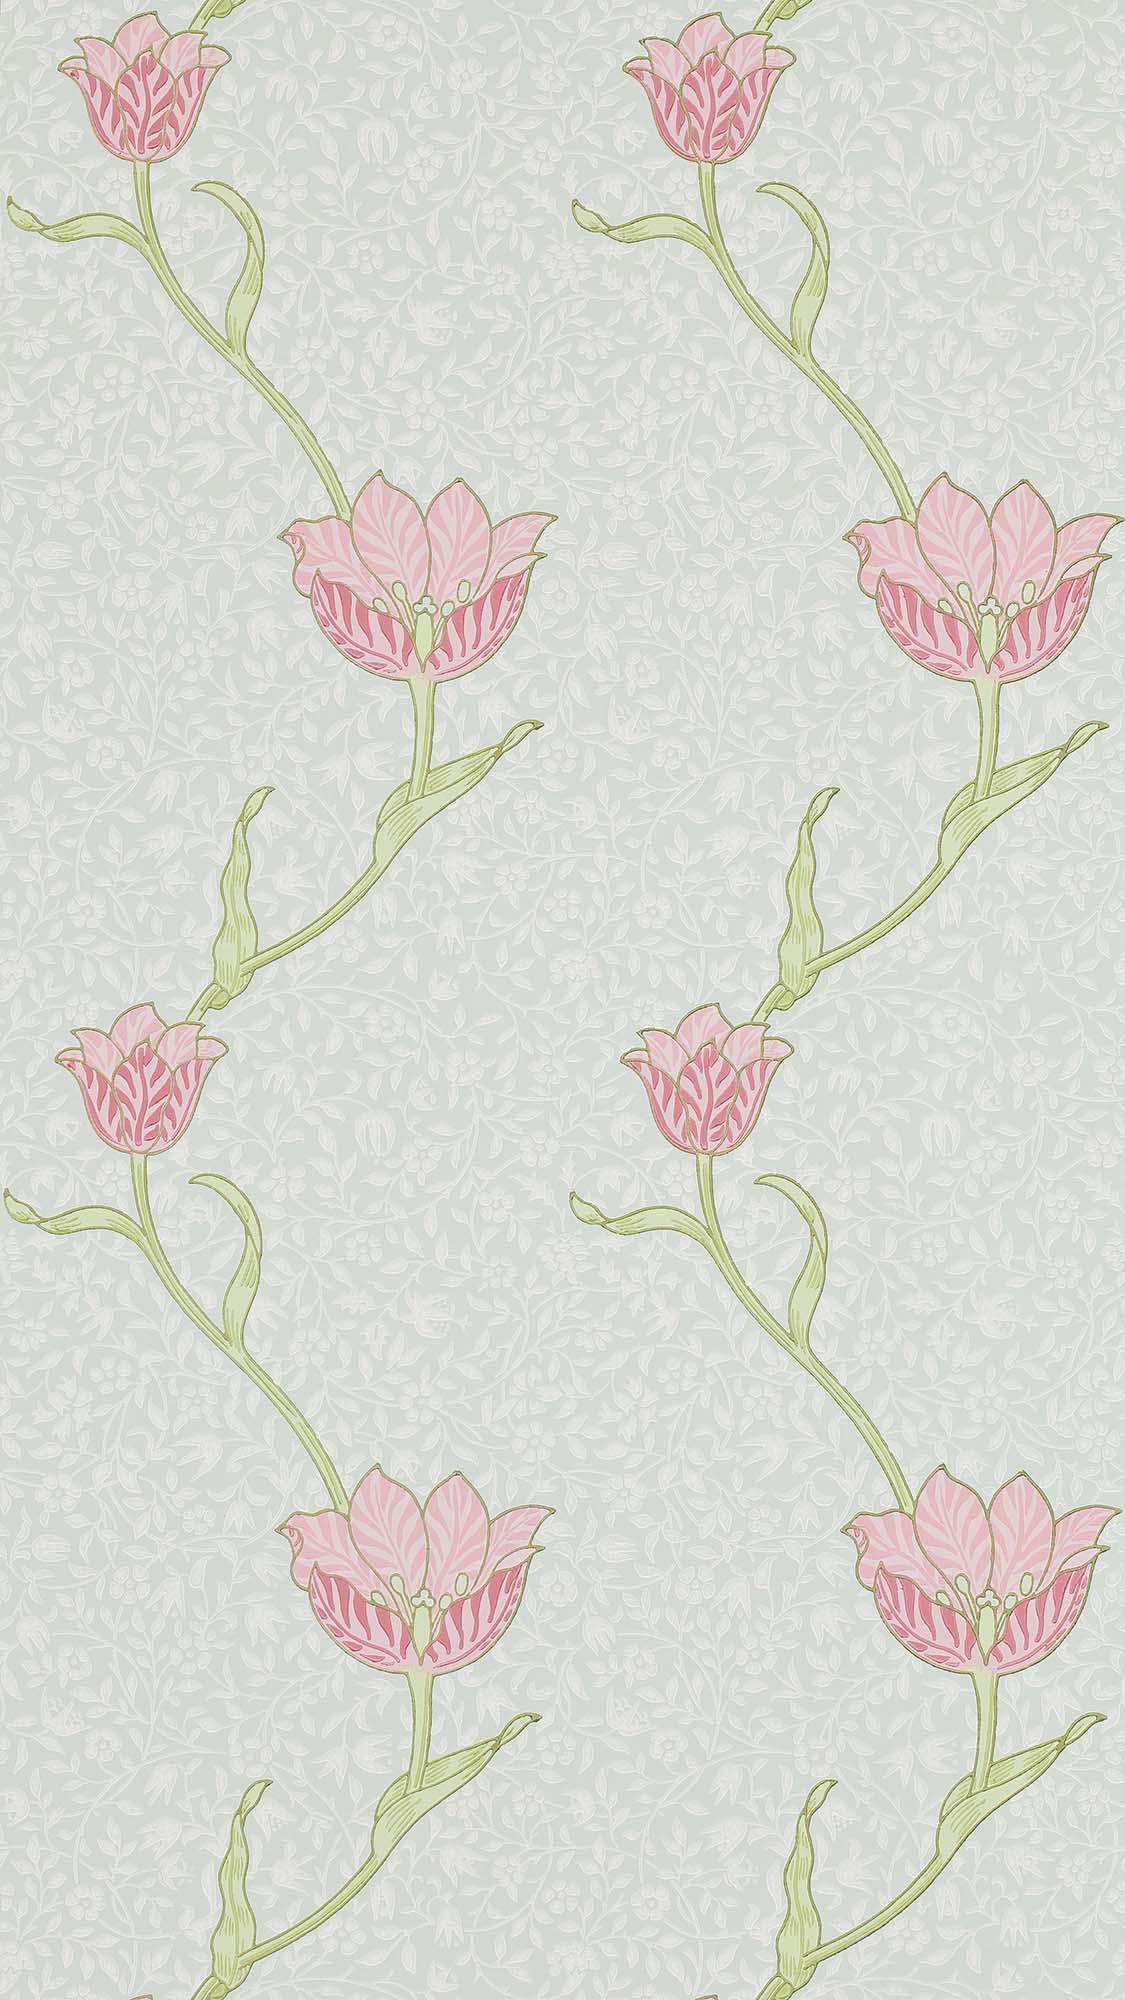 ウィリアムモリス壁紙 Garden Tulip 210394